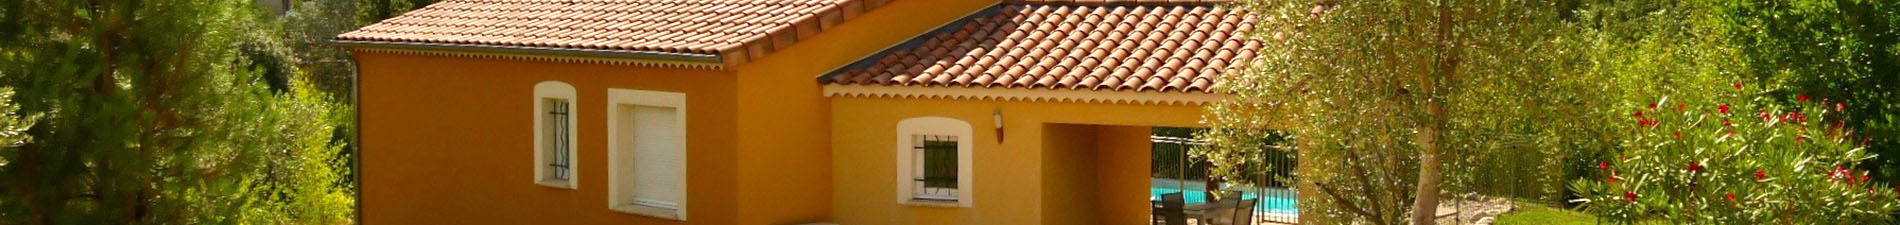 Blue Hills Résidence - location de villas en Ardèche